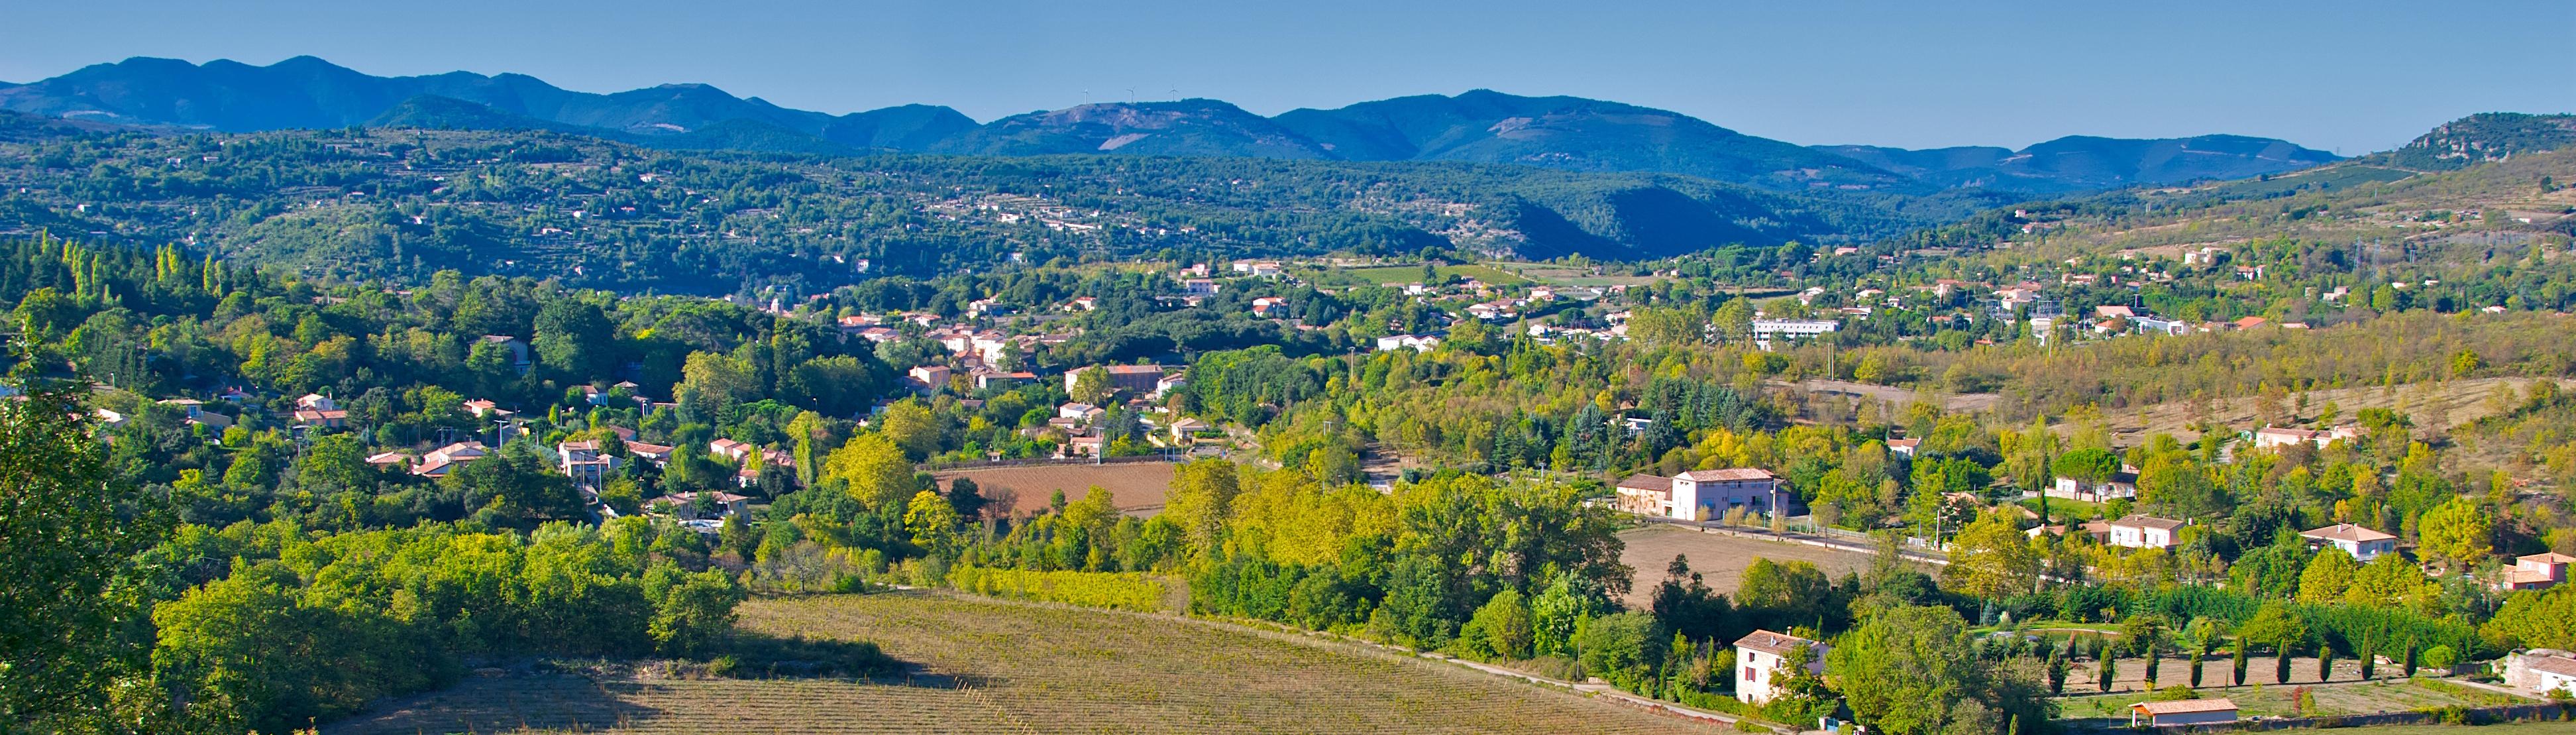 Bedaurieux, ciudad hermanada con Estepa